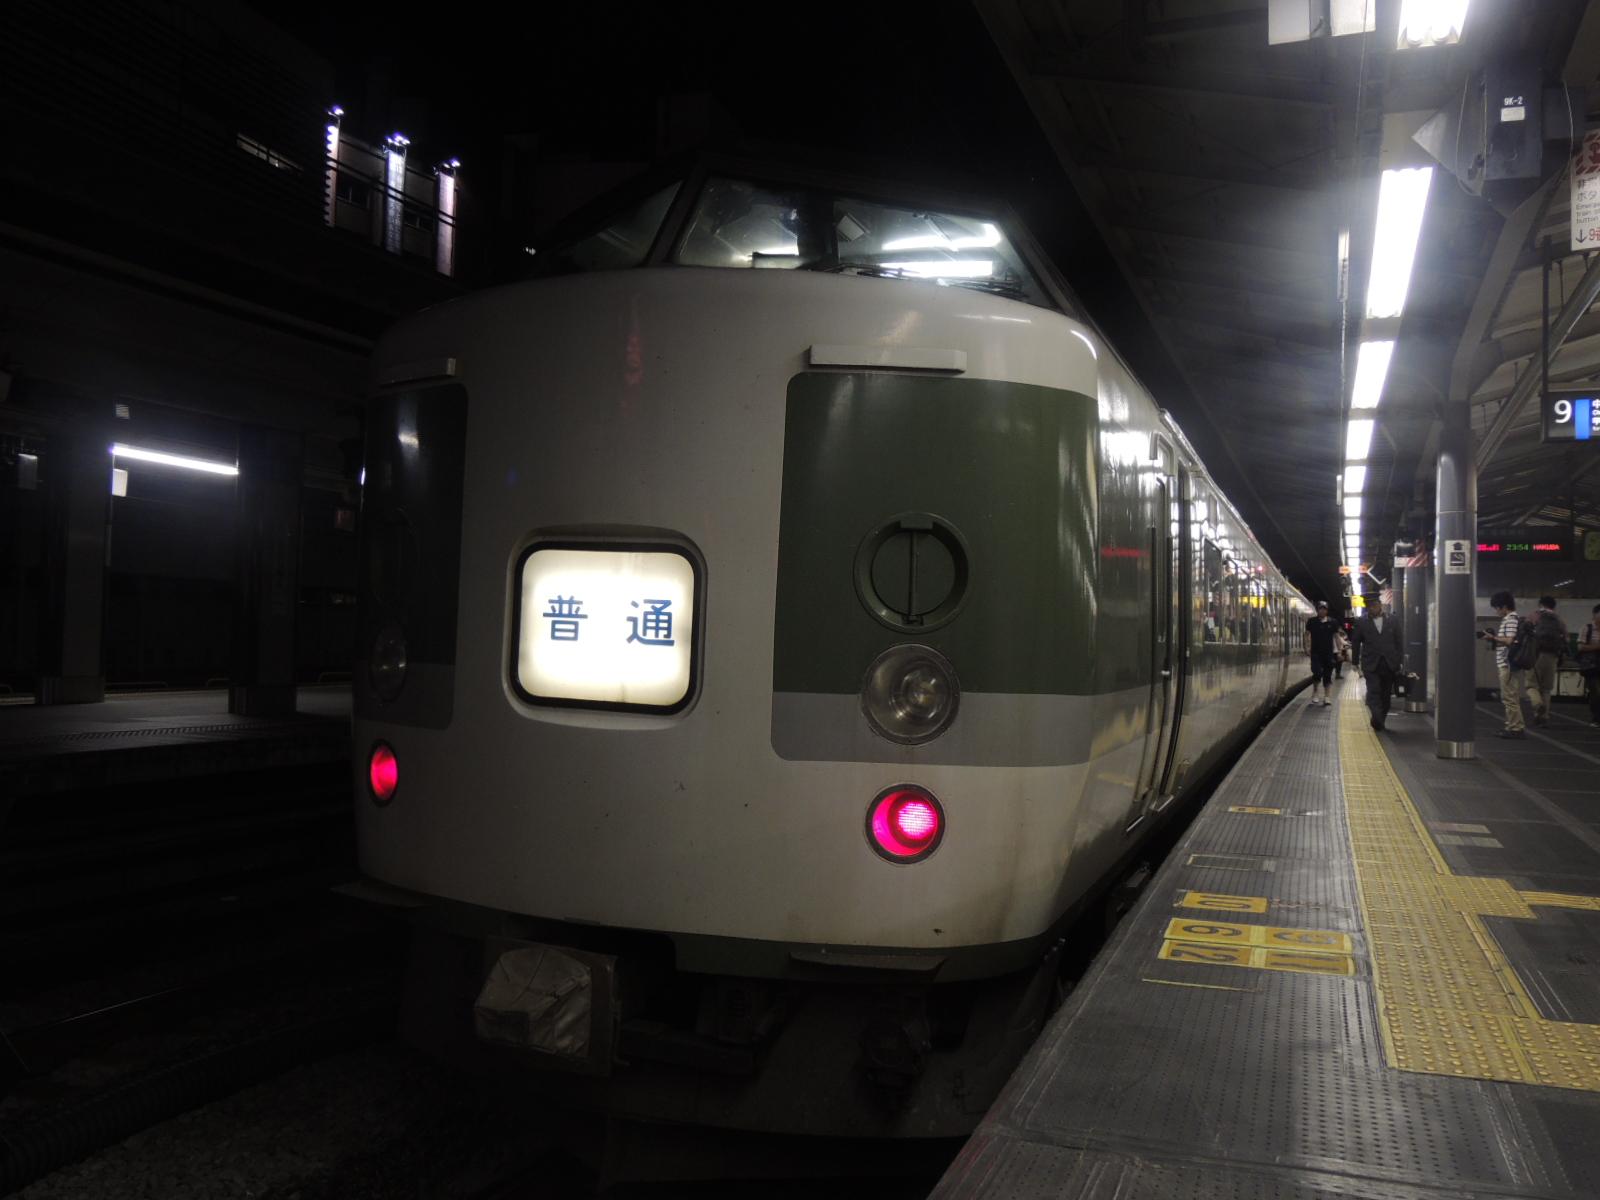 DSCN9017.jpg